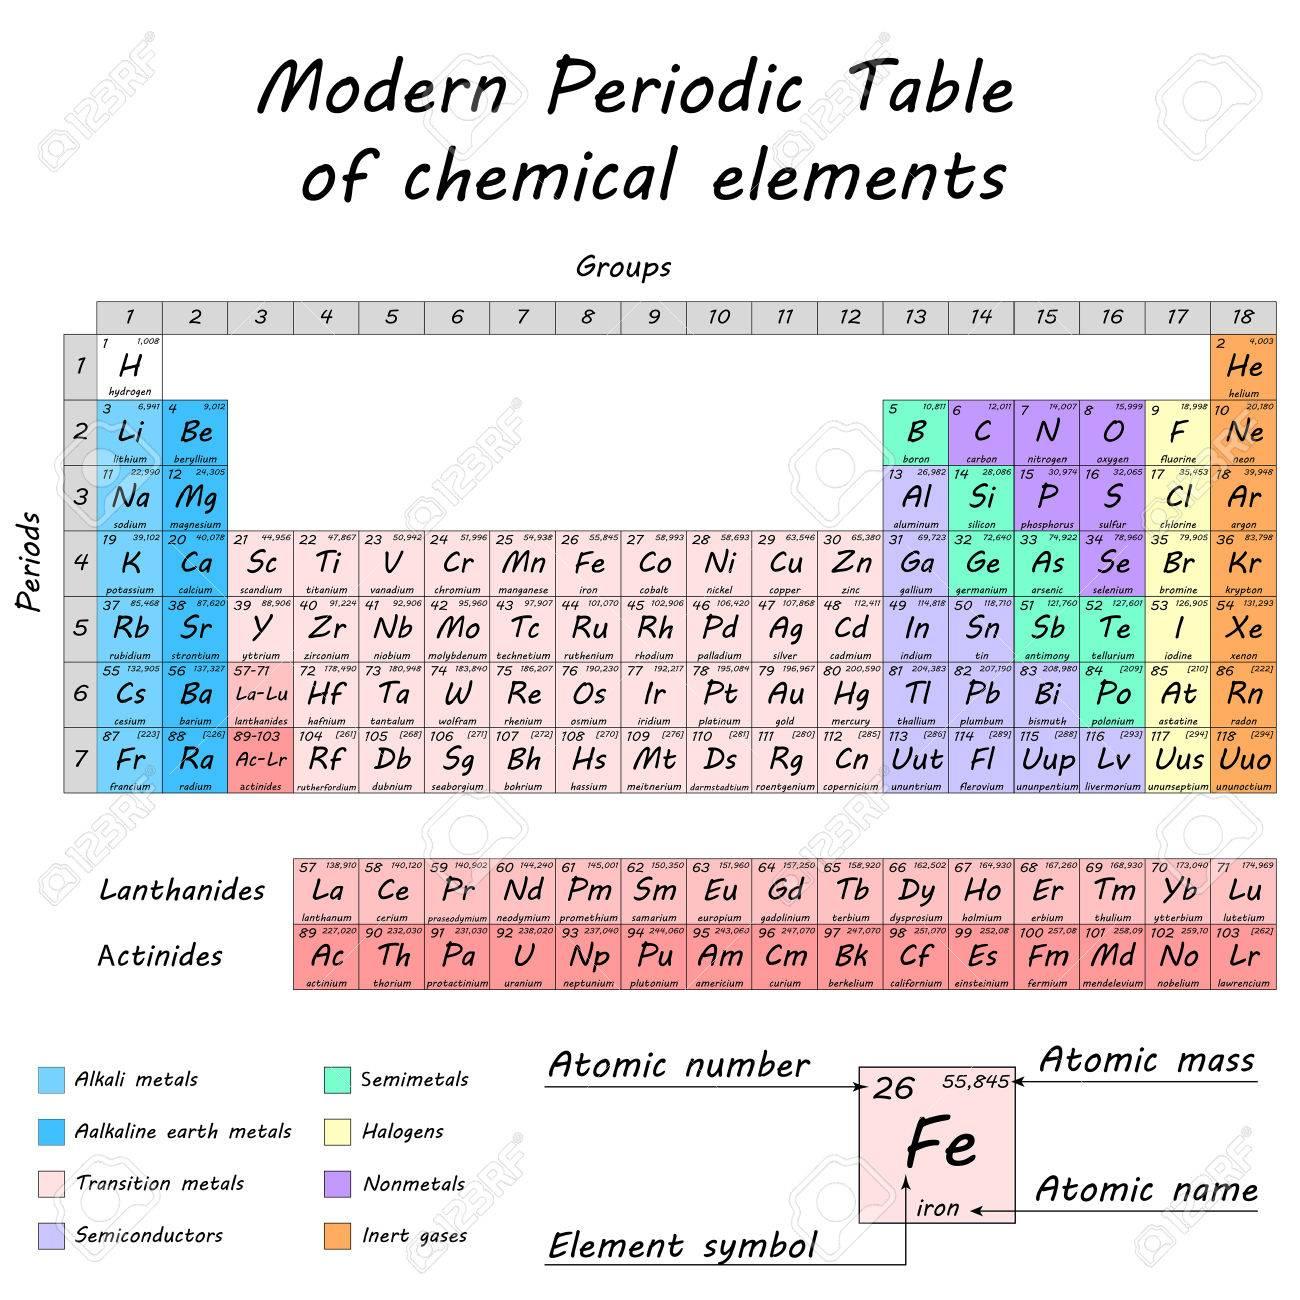 Tabla peridica de los elementos qumicos de dmitri mendeleev foto de archivo tabla peridica de los elementos qumicos de dmitri mendeleev clulas diferenciadas de color vector 2d eps 8 todas las partes en capas urtaz Images